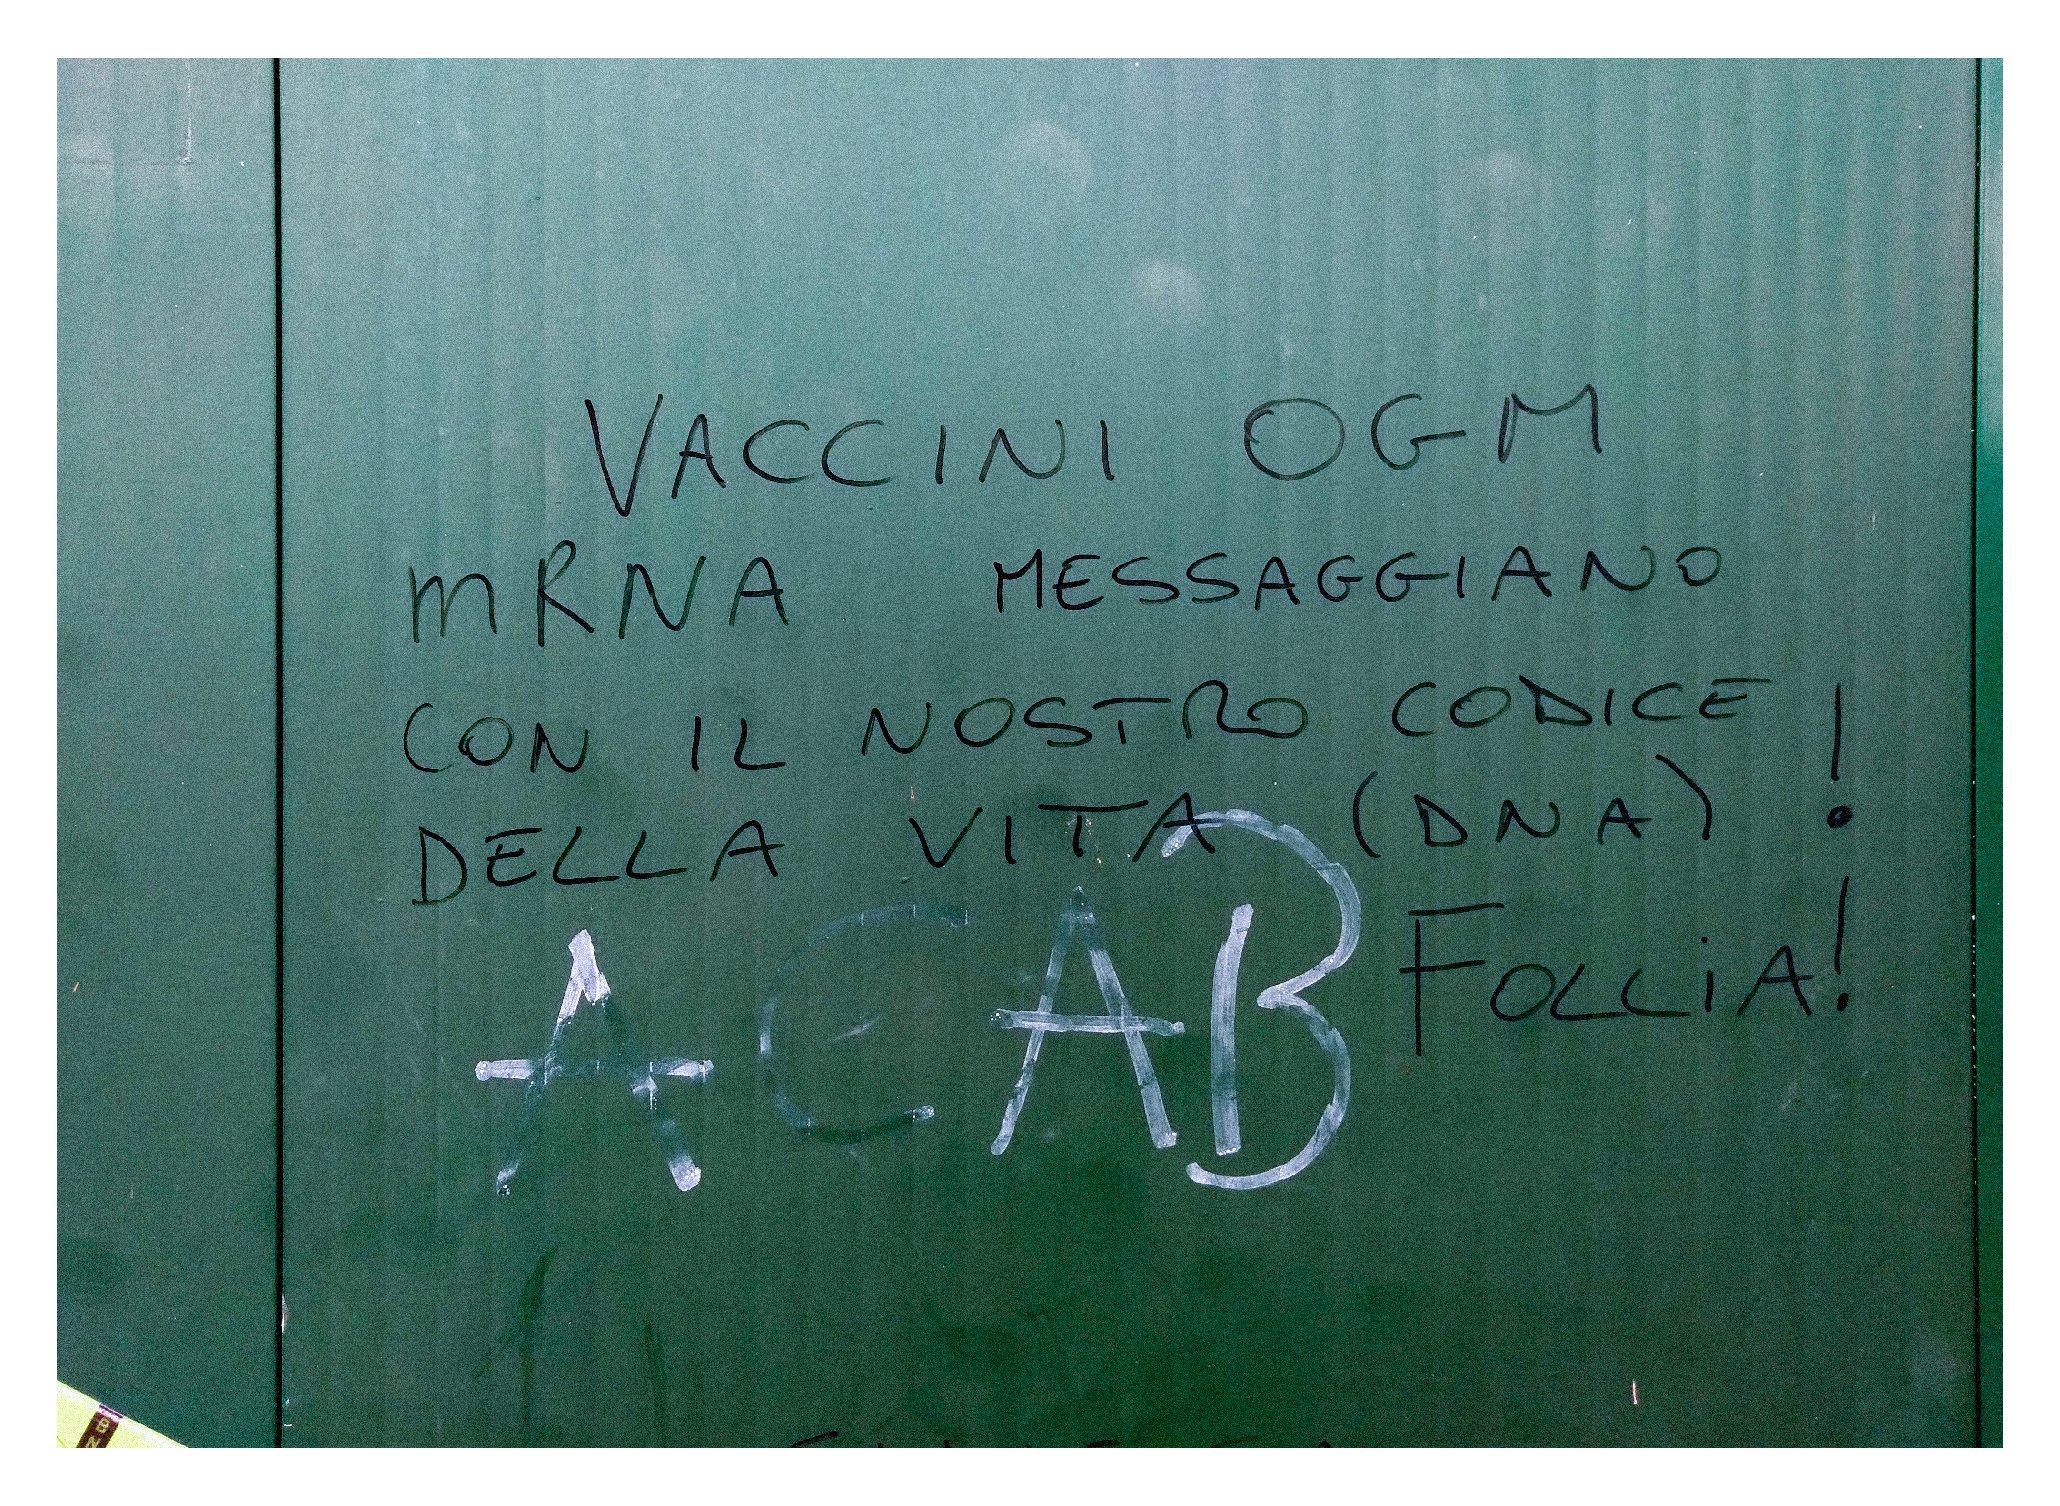 """Murales su porta dello stadio Pier Lugi Penzo: """"Vaccini OGM, mRNA messaggiano con il nostro codice della vita (DNA)! Follia!"""